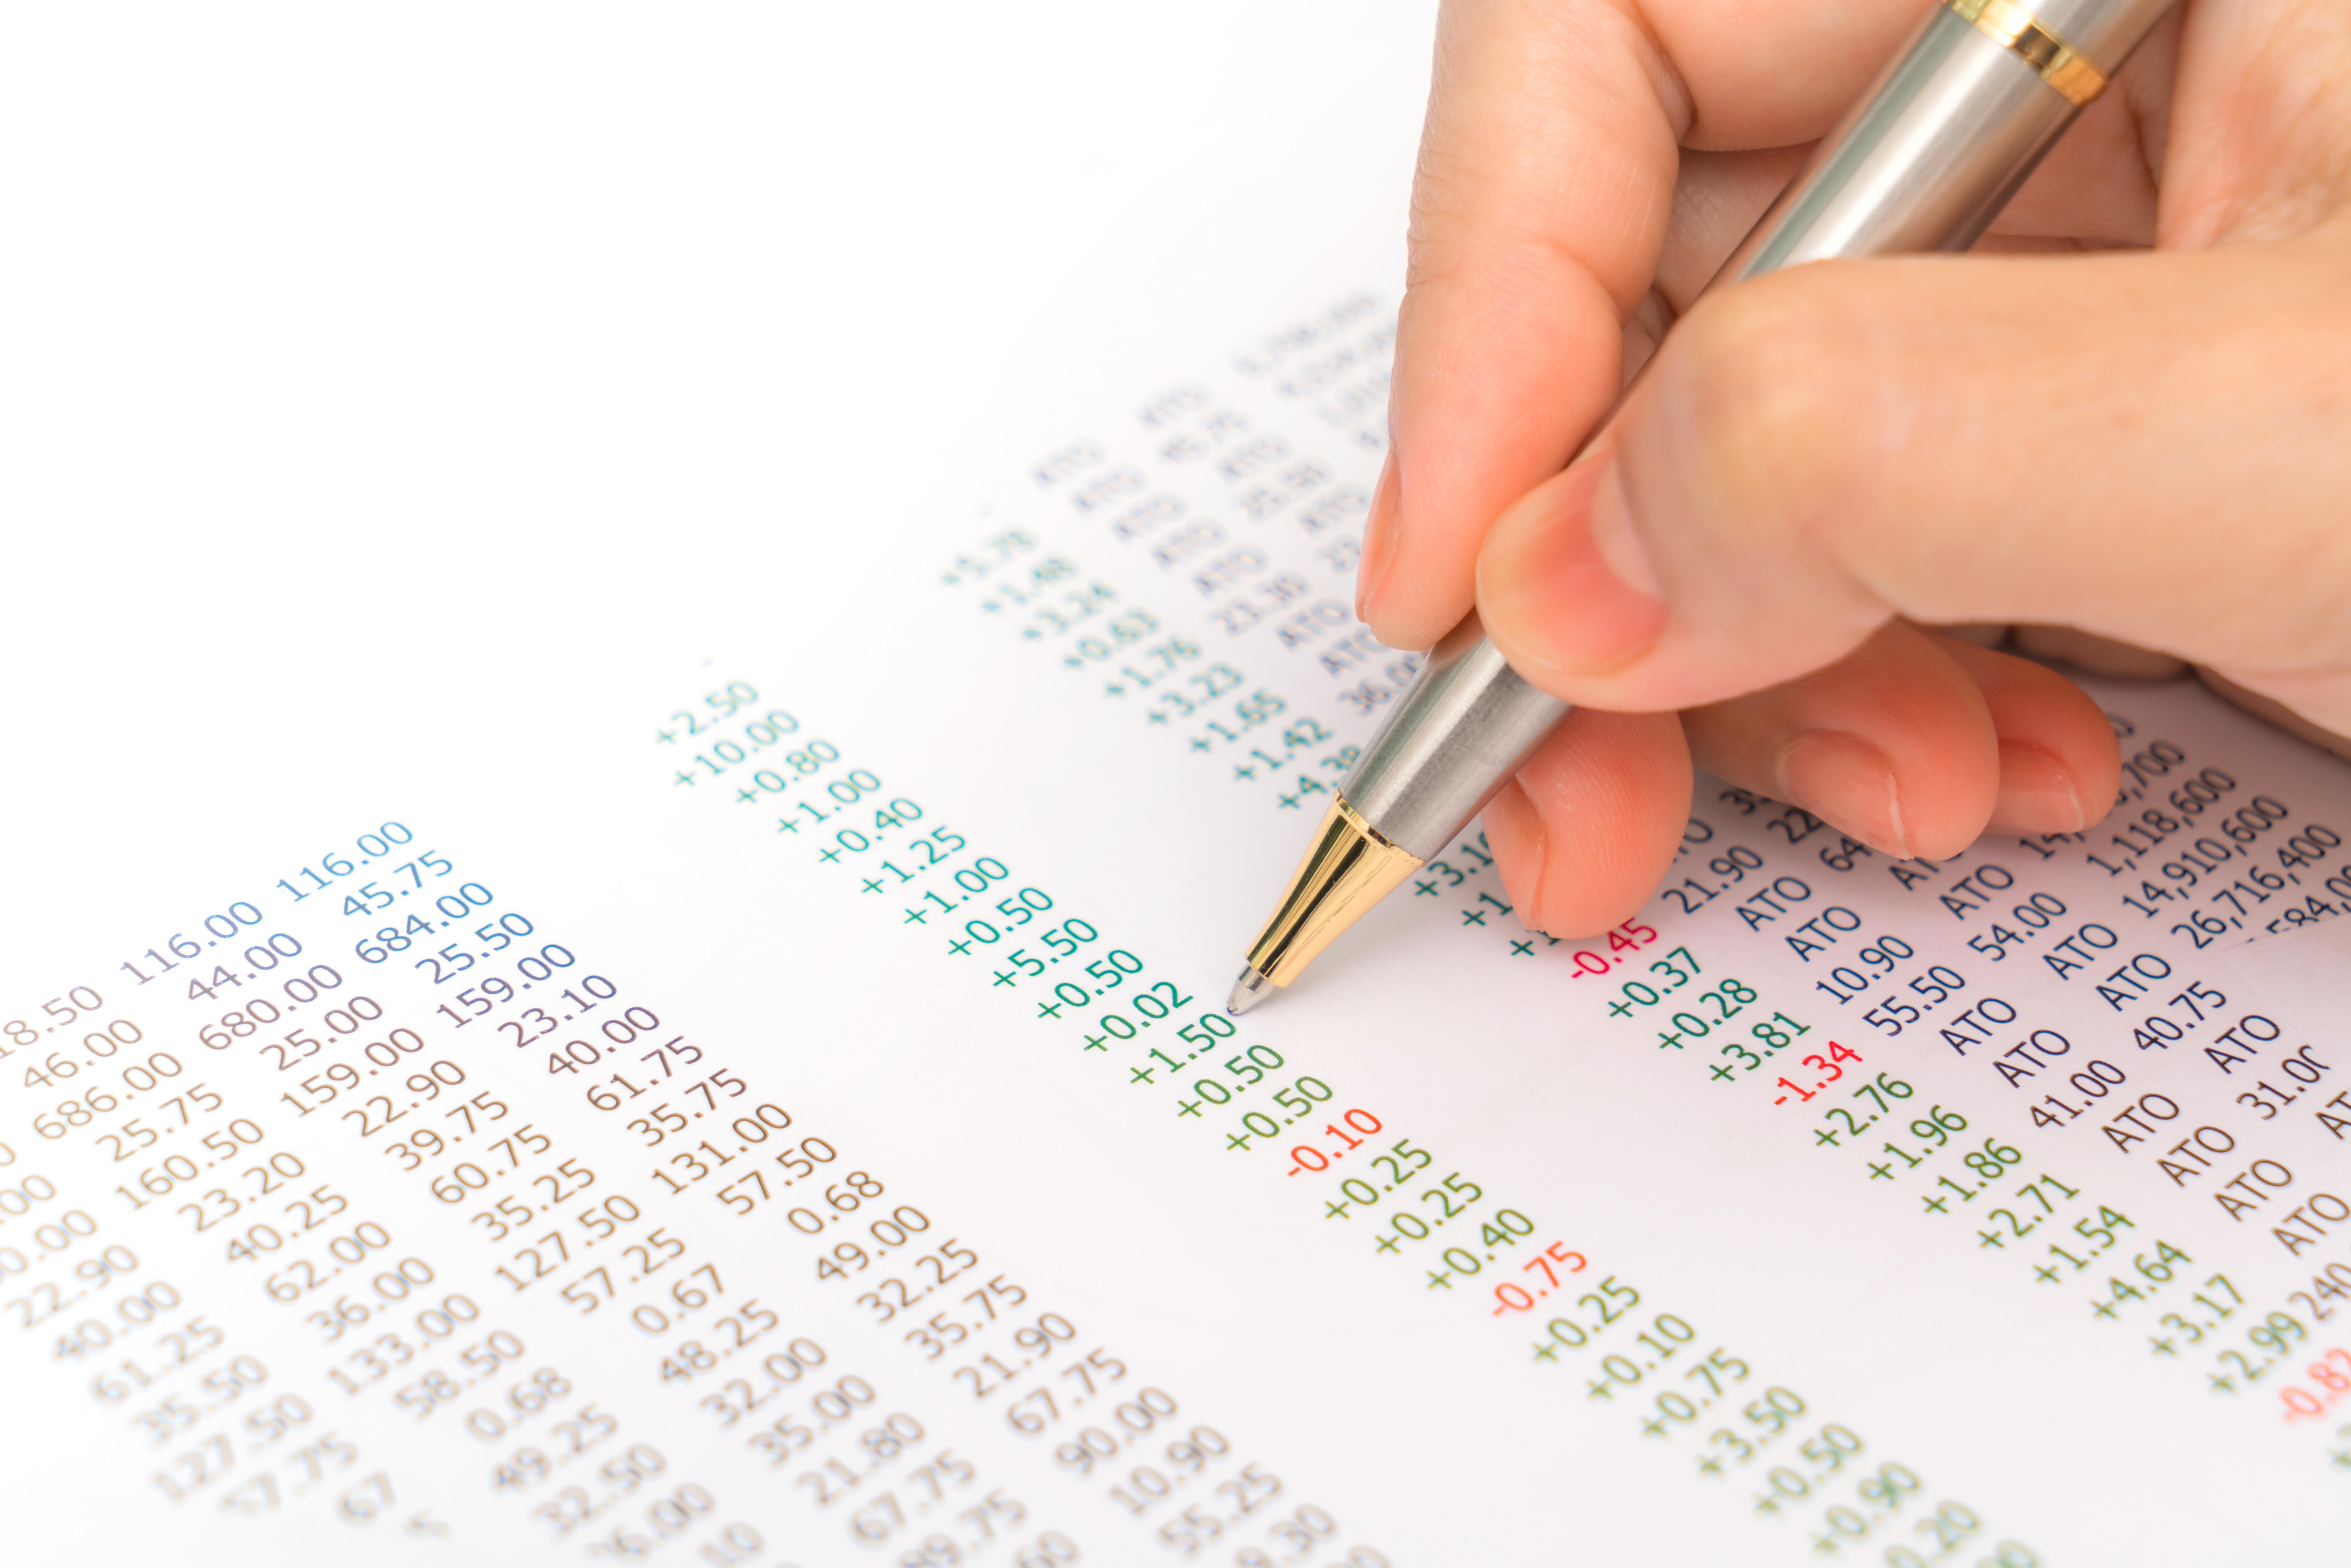 El càrrec directe SEPA permet fer un cobrament en el compte de la persona deutora. Font: Freepik.